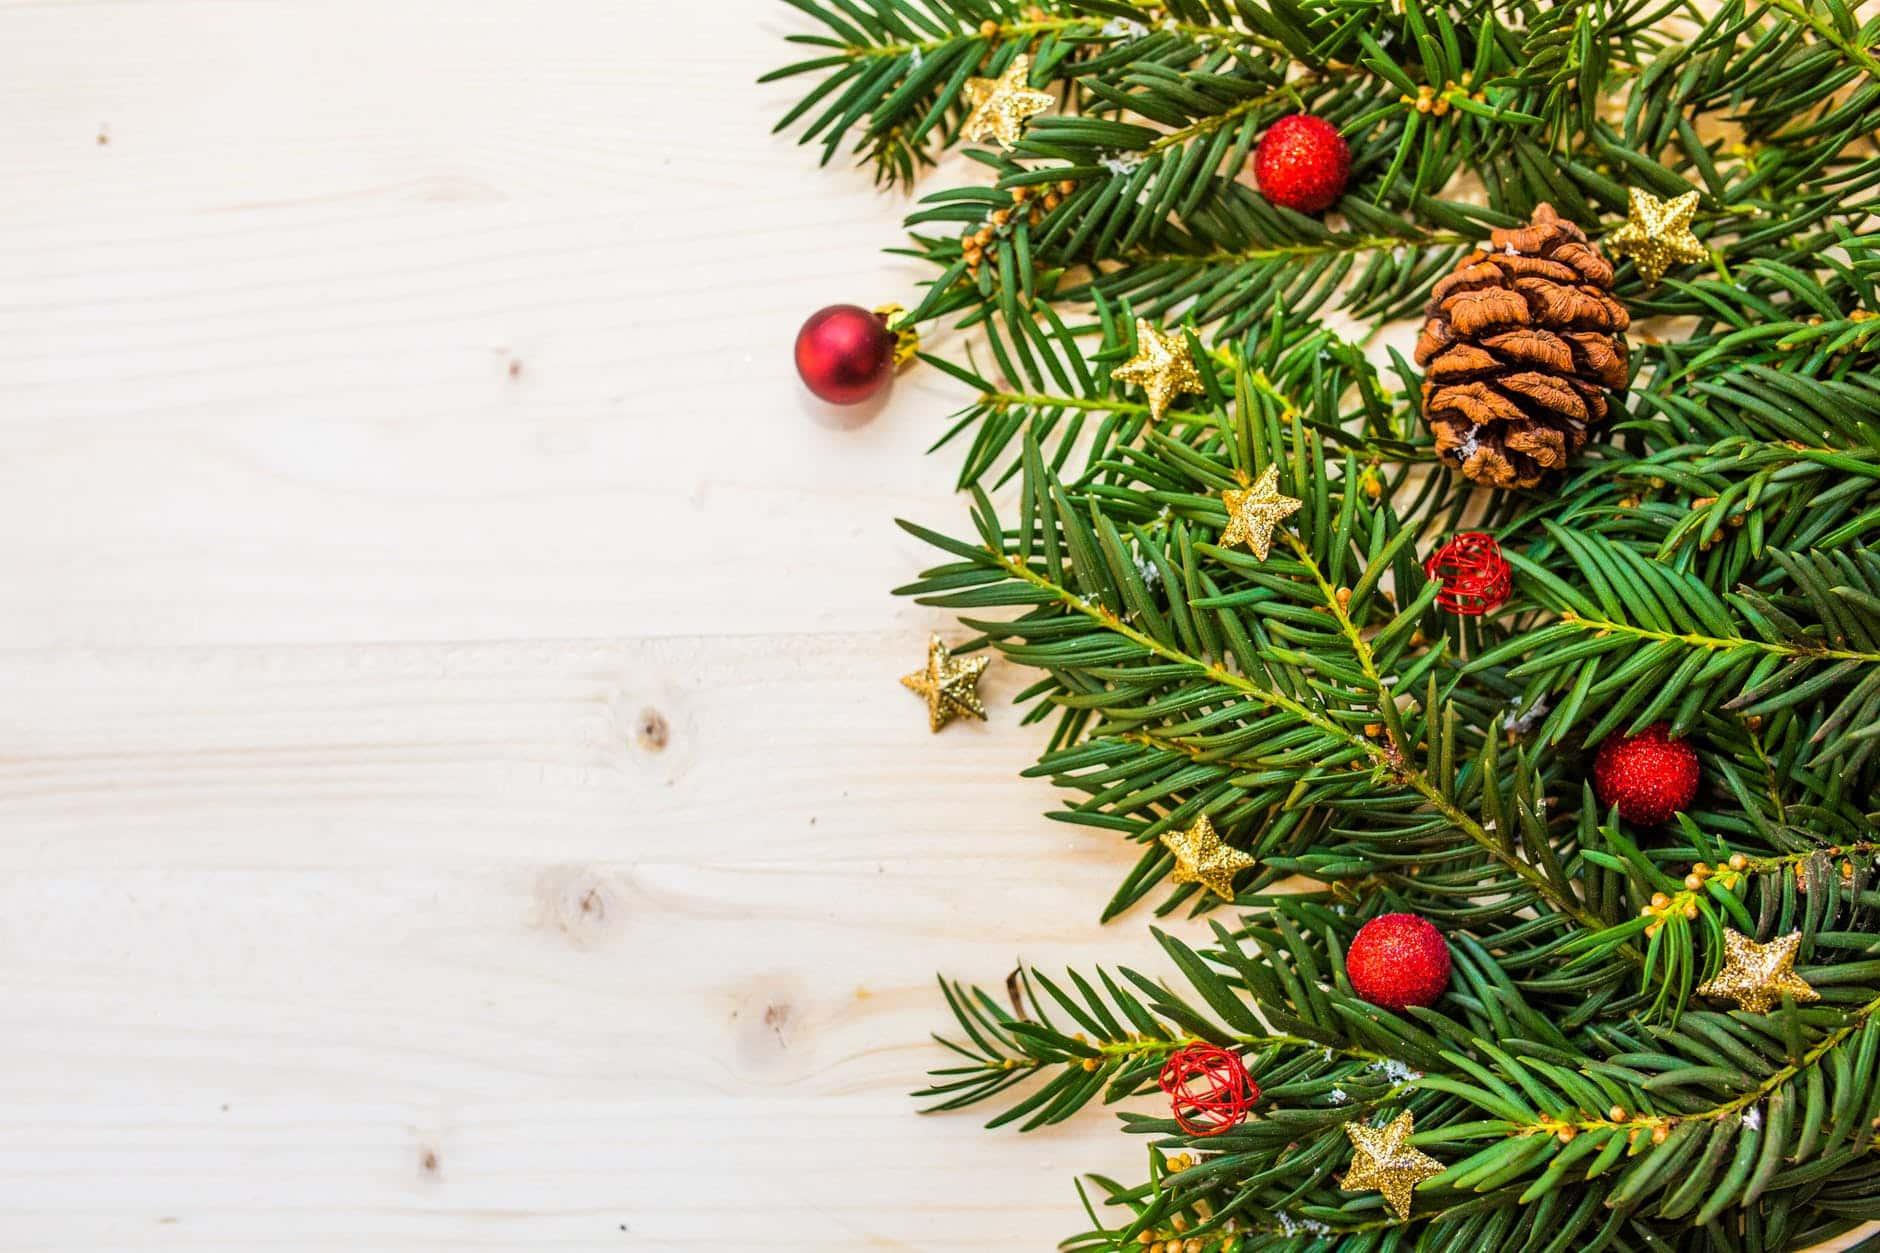 sapin de Noël après les fêtes aiguilles décorations boules